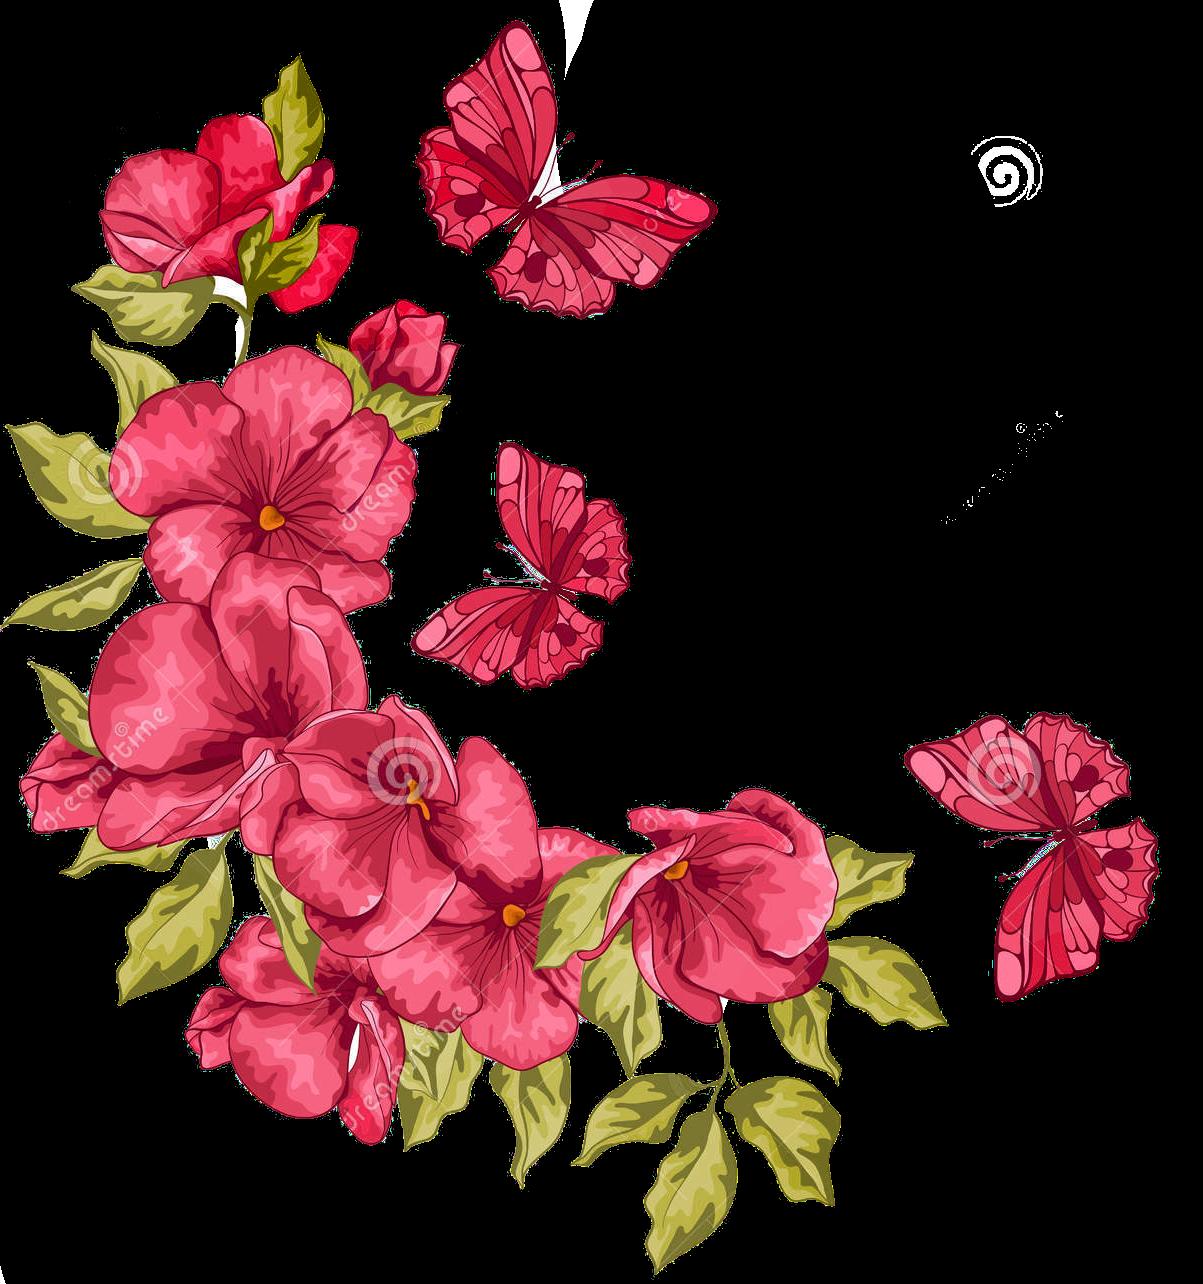 Gifs Y Fondos Pazenlatormenta Im Genes De Flores